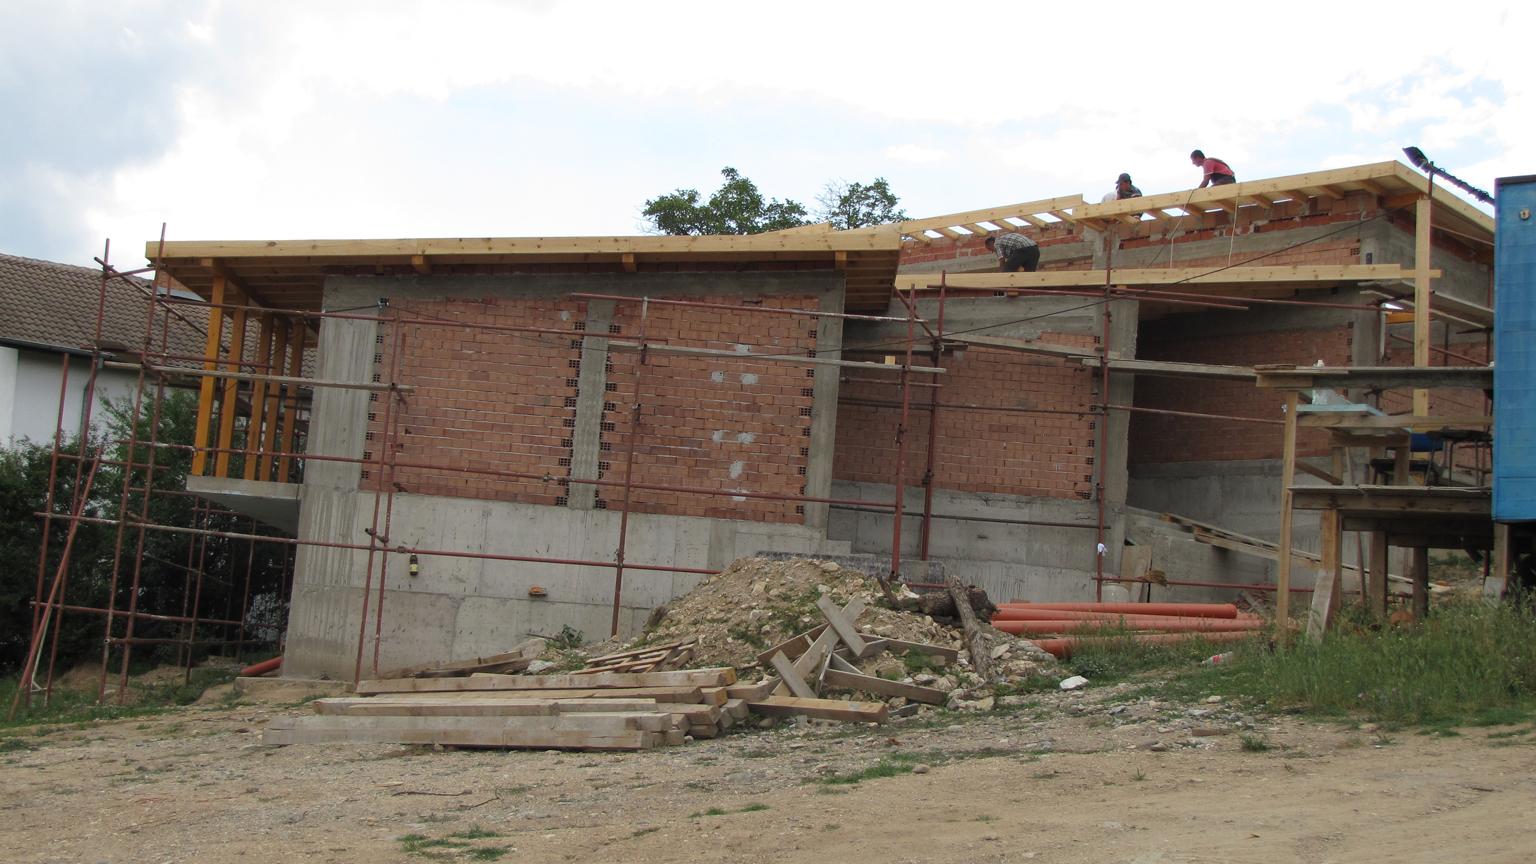 Къща за гости по програма за развитие на селските райони 2014-2020г. по време на изпълнение